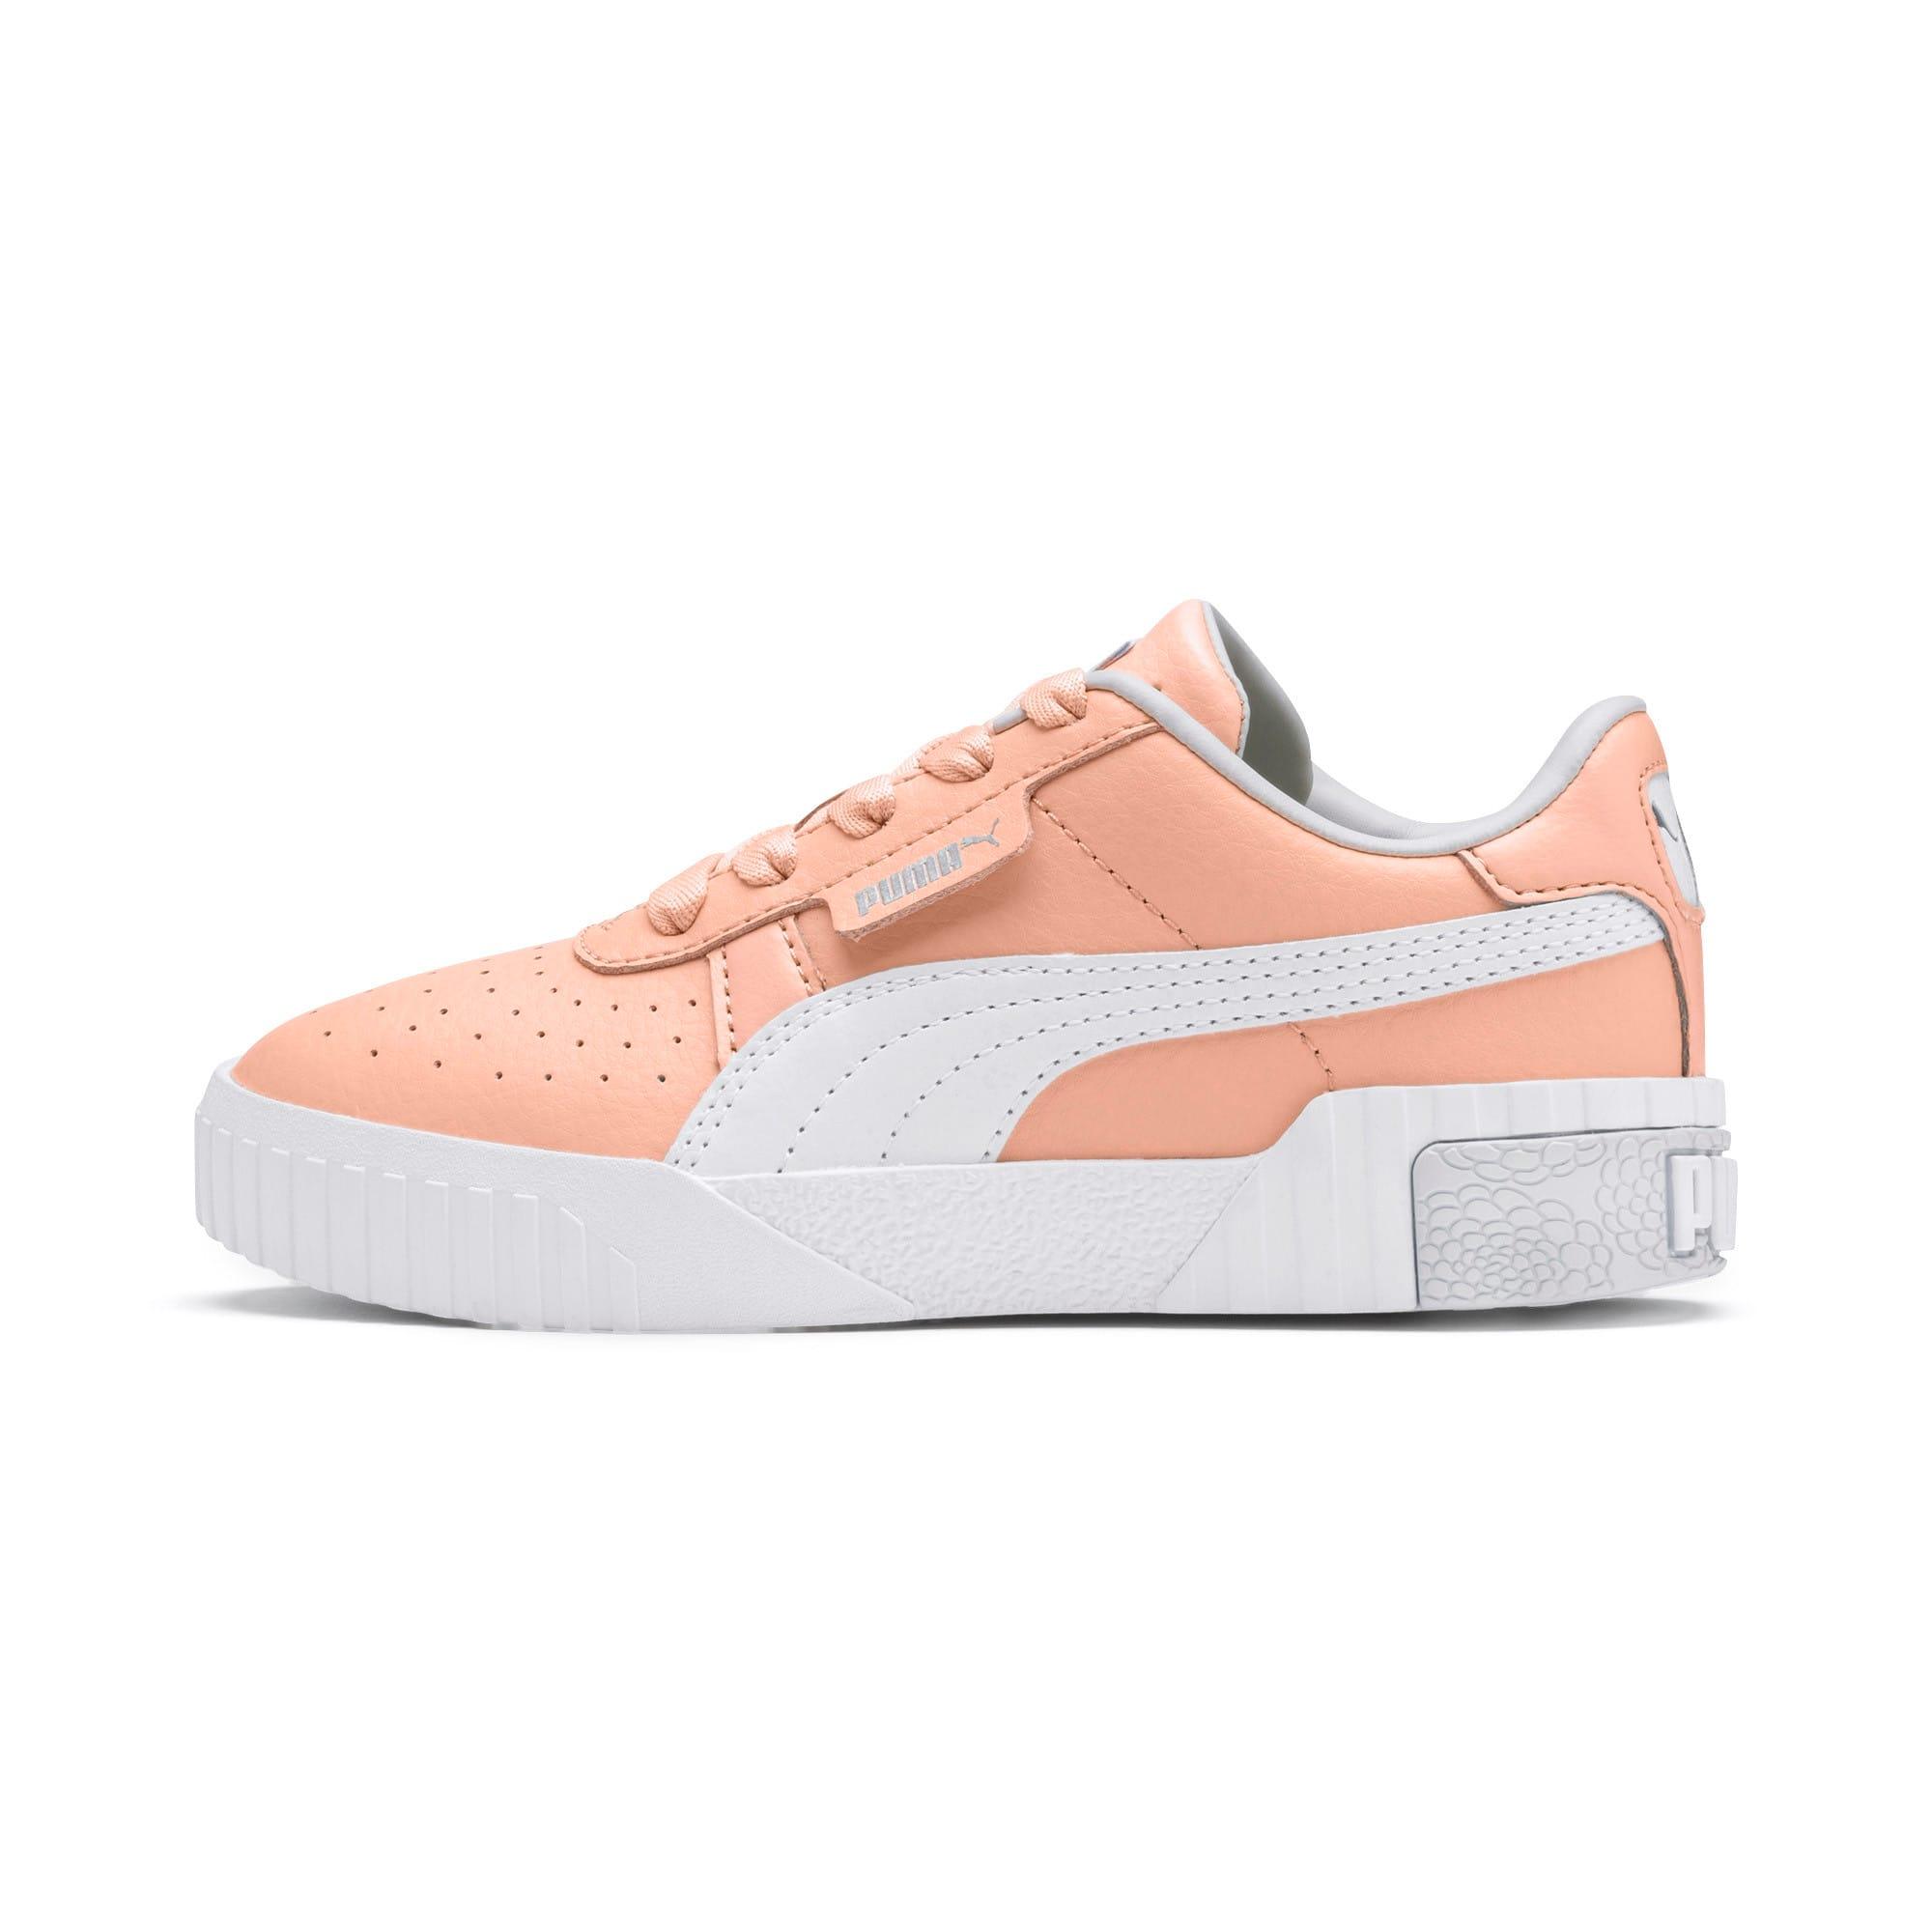 Thumbnail 1 of Cali Kids' Mädchen Sneaker, Peach Parfait-Heather, medium